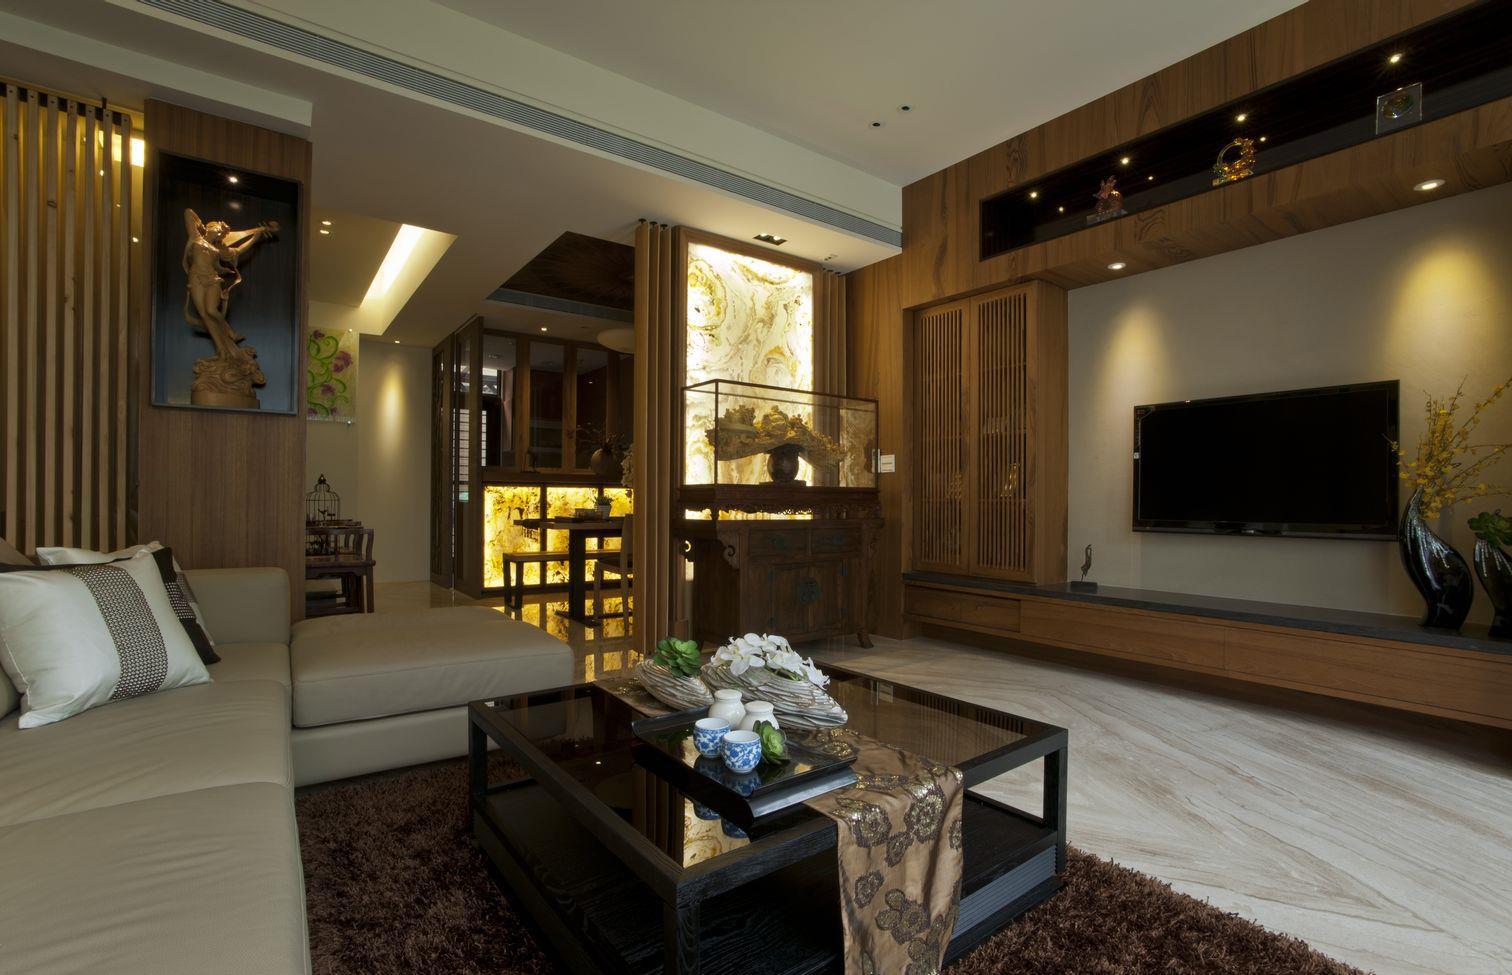 客厅木质装修为主很大气,搭配简约款式的茶几,明亮的地面,简洁又宽敞,让光线变得更加柔